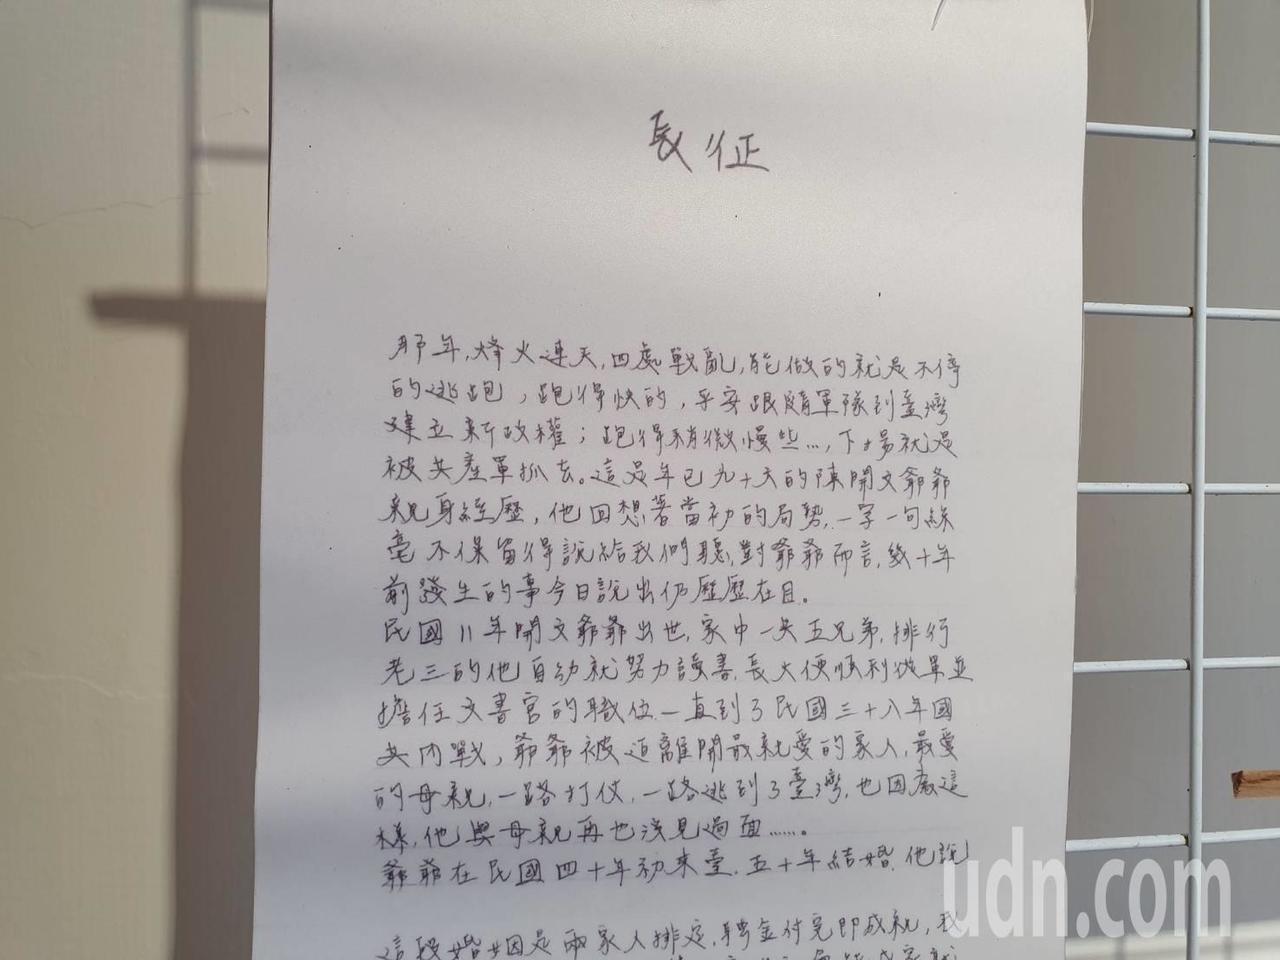 桃園憲光二村今開展 11月將改建「移民博物館」